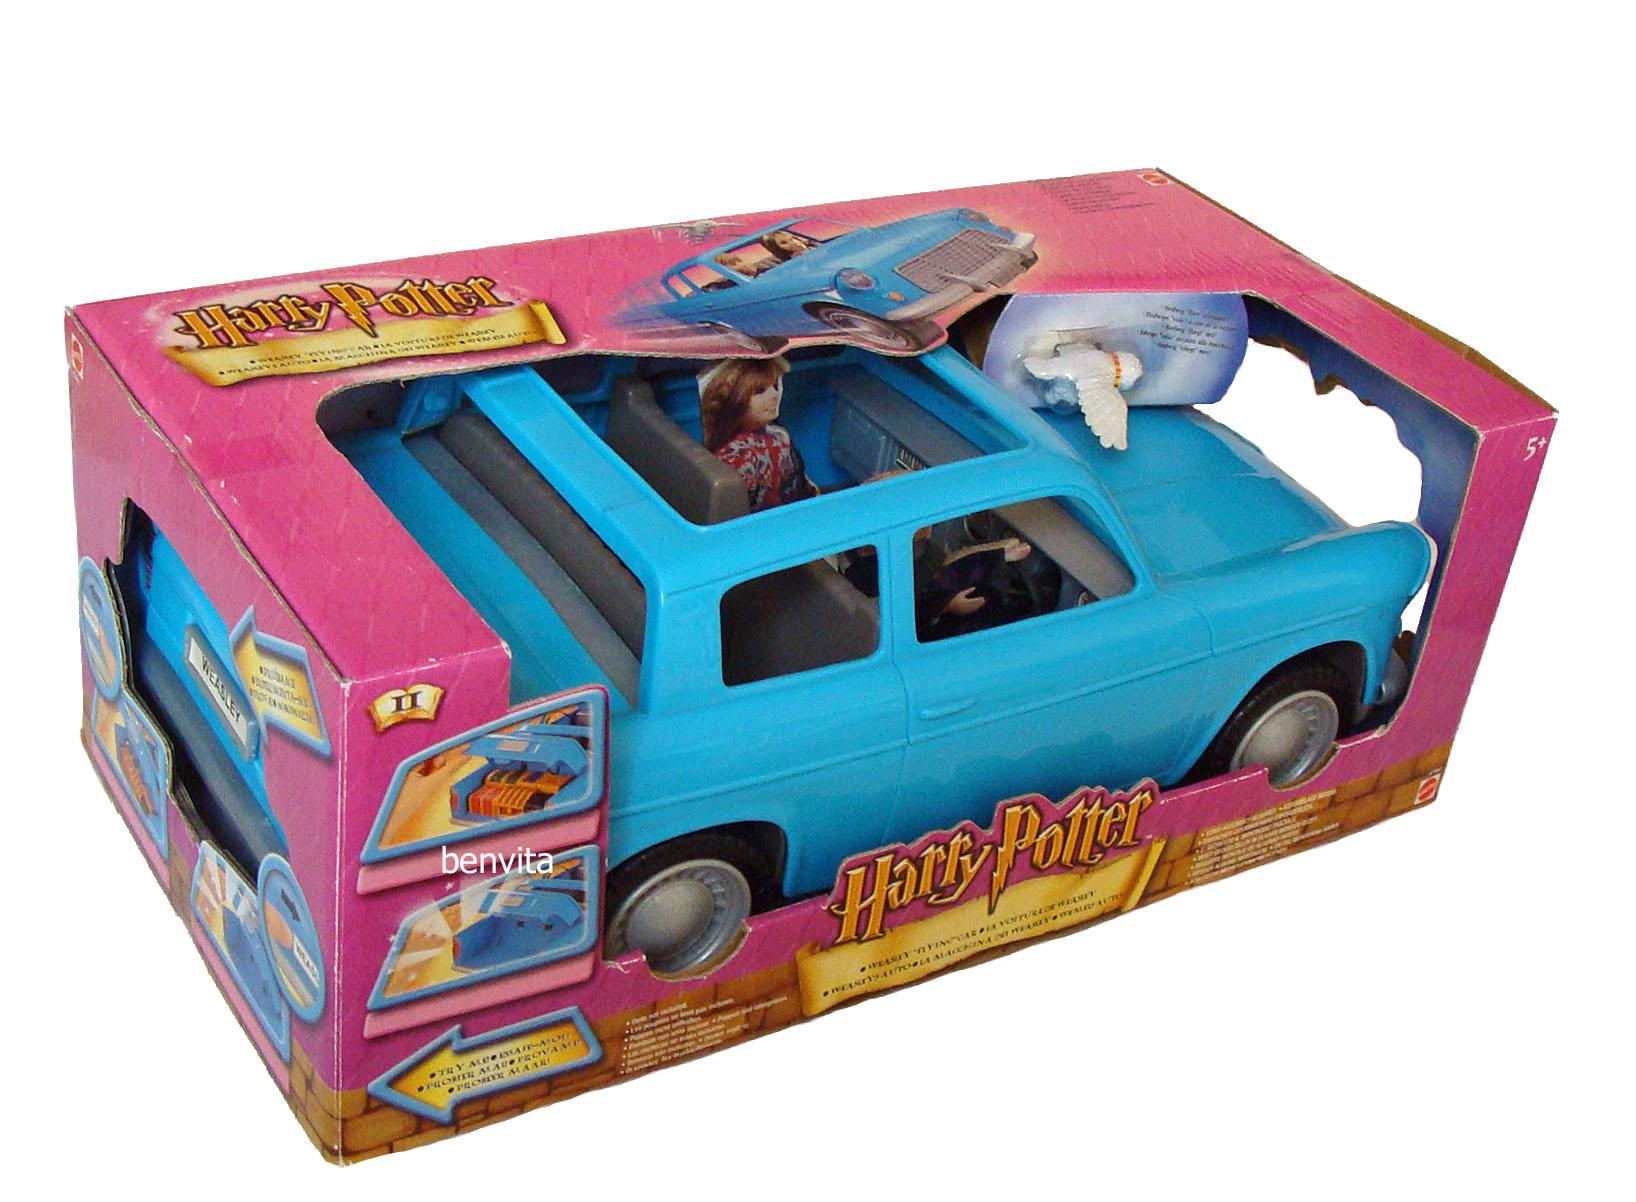 harry potter weasleys auto weasleys flying car 38 cm lang mattel 5 neu ebay. Black Bedroom Furniture Sets. Home Design Ideas